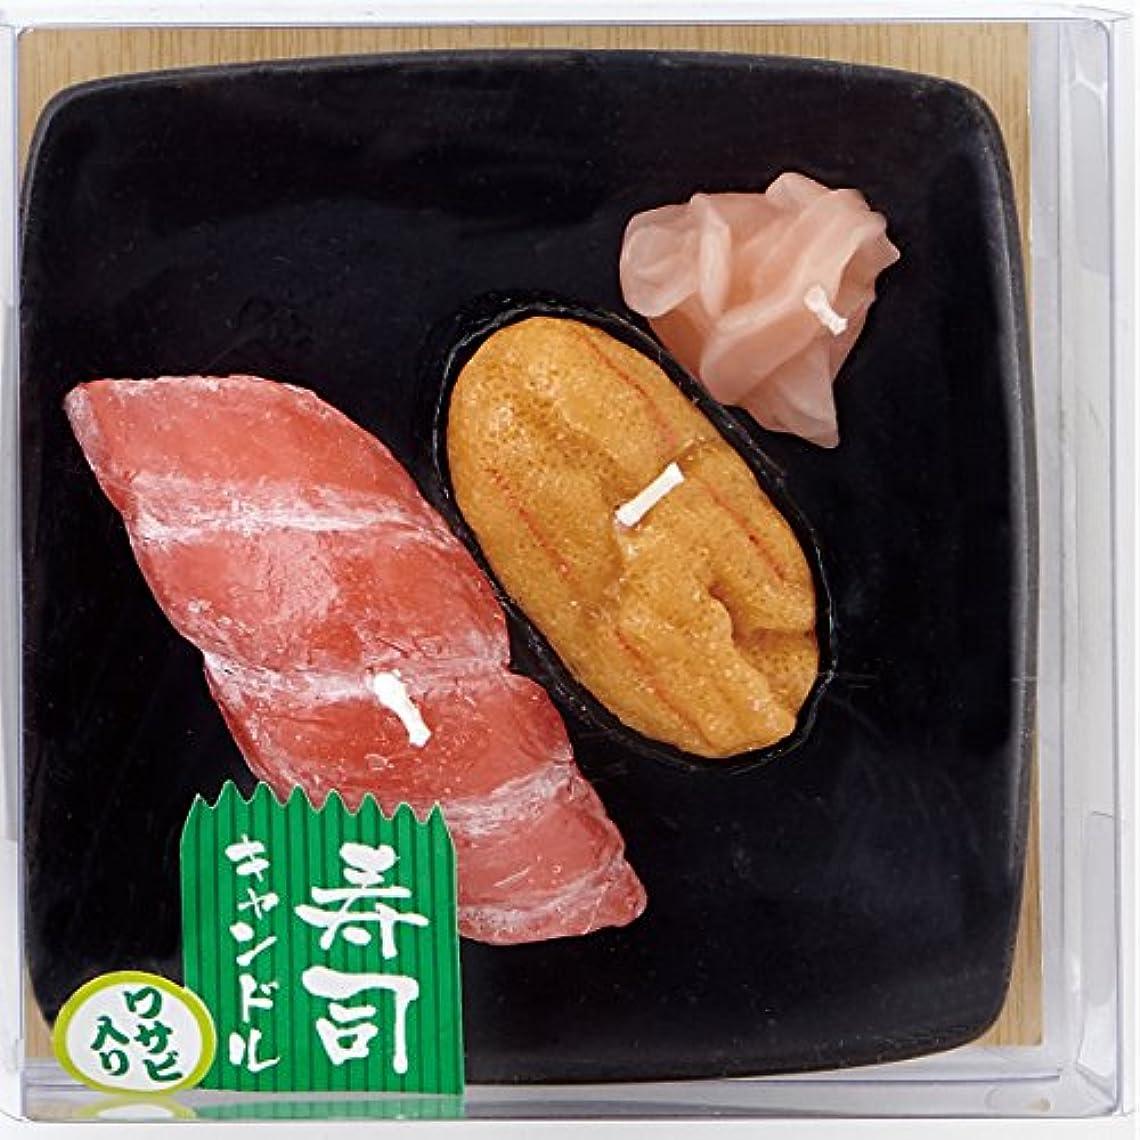 ストローたくさんの気晴らし寿司キャンドル C(ウニ?大トロ) サビ入